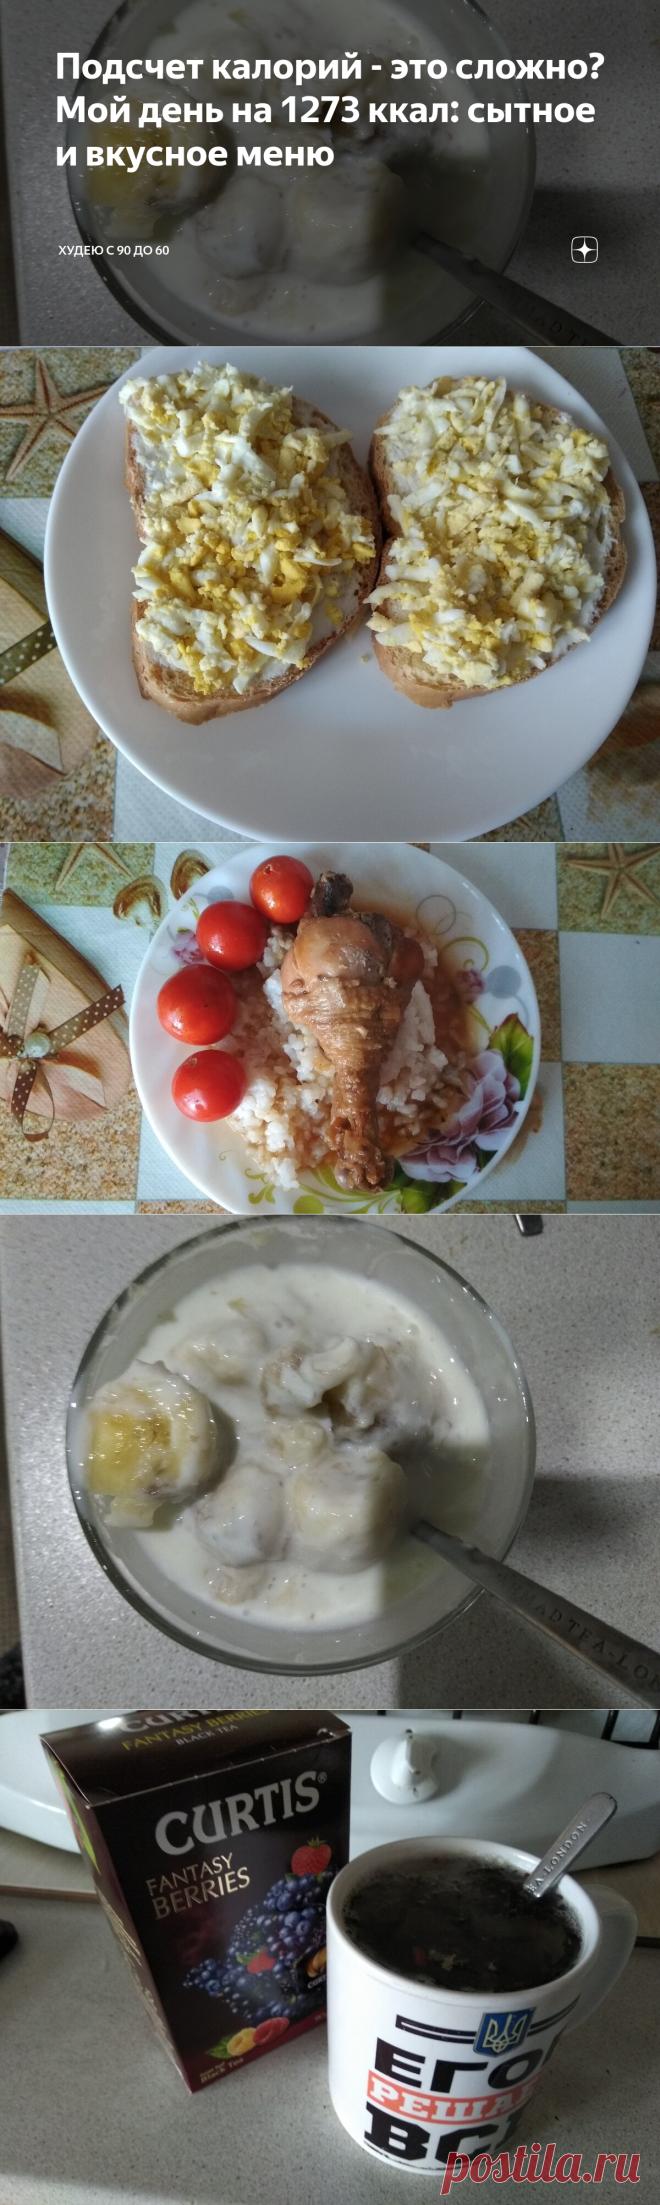 Подсчет калорий - это сложно? Мой день на 1273 ккал: сытное и вкусное меню | Худею с 90 до 60 | Яндекс Дзен